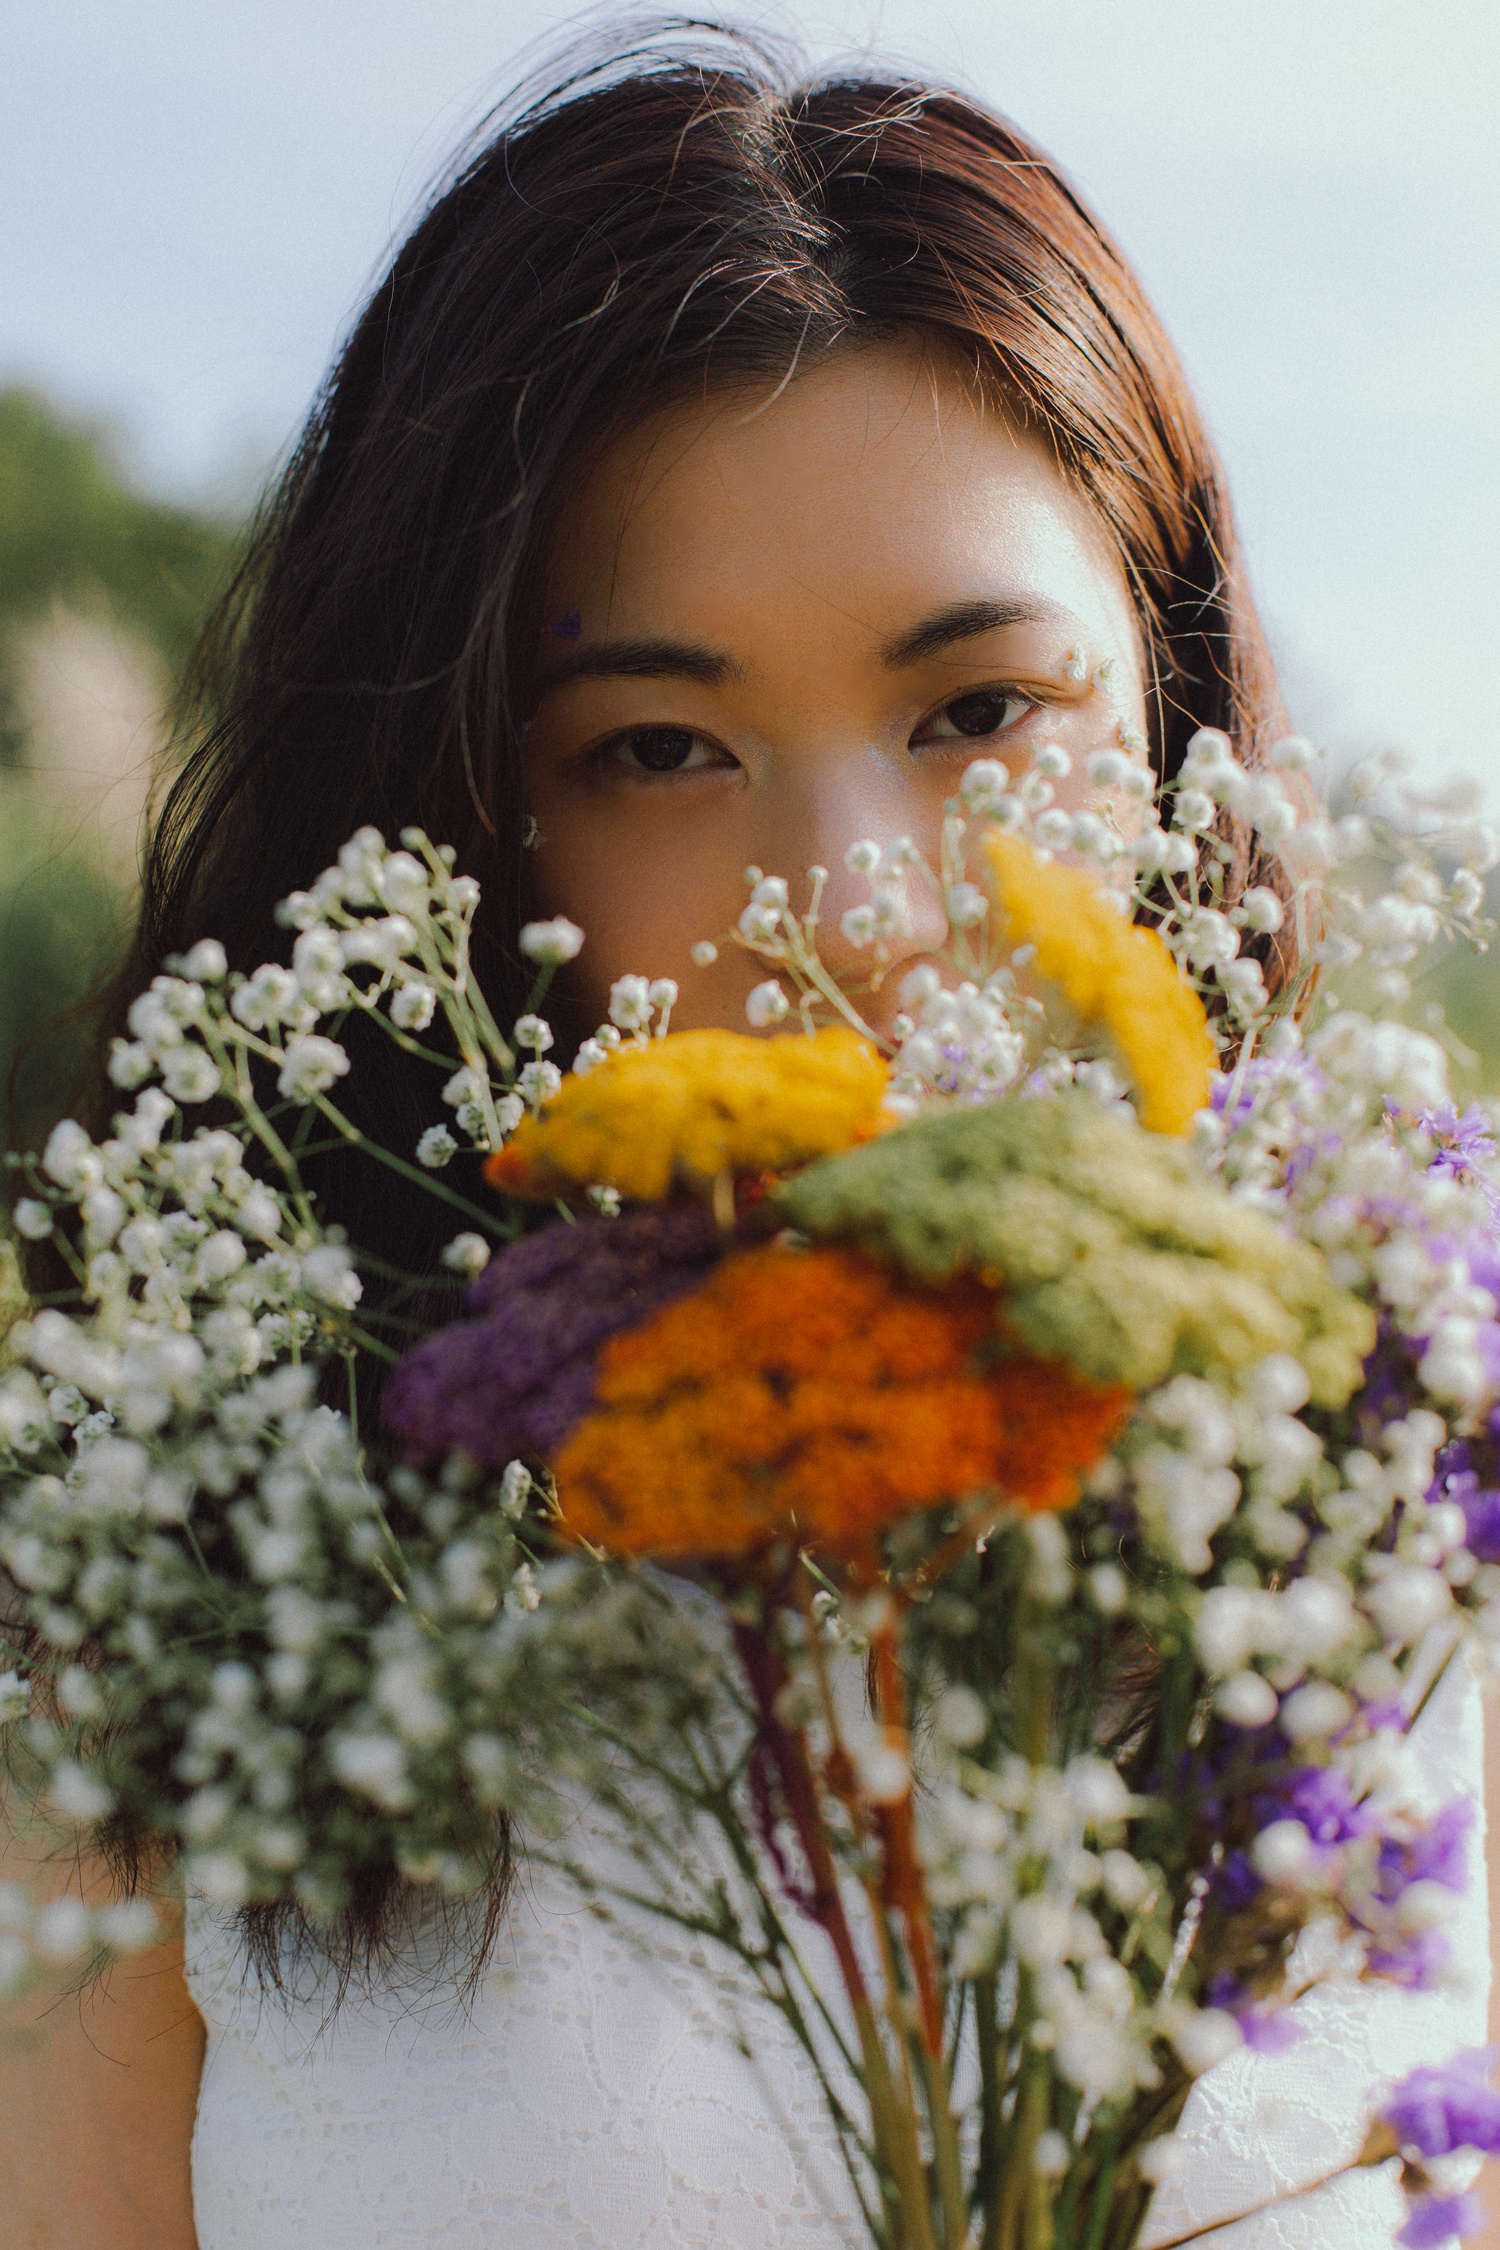 Ritratto di ragazza con mazzo di fiori, dettaglio